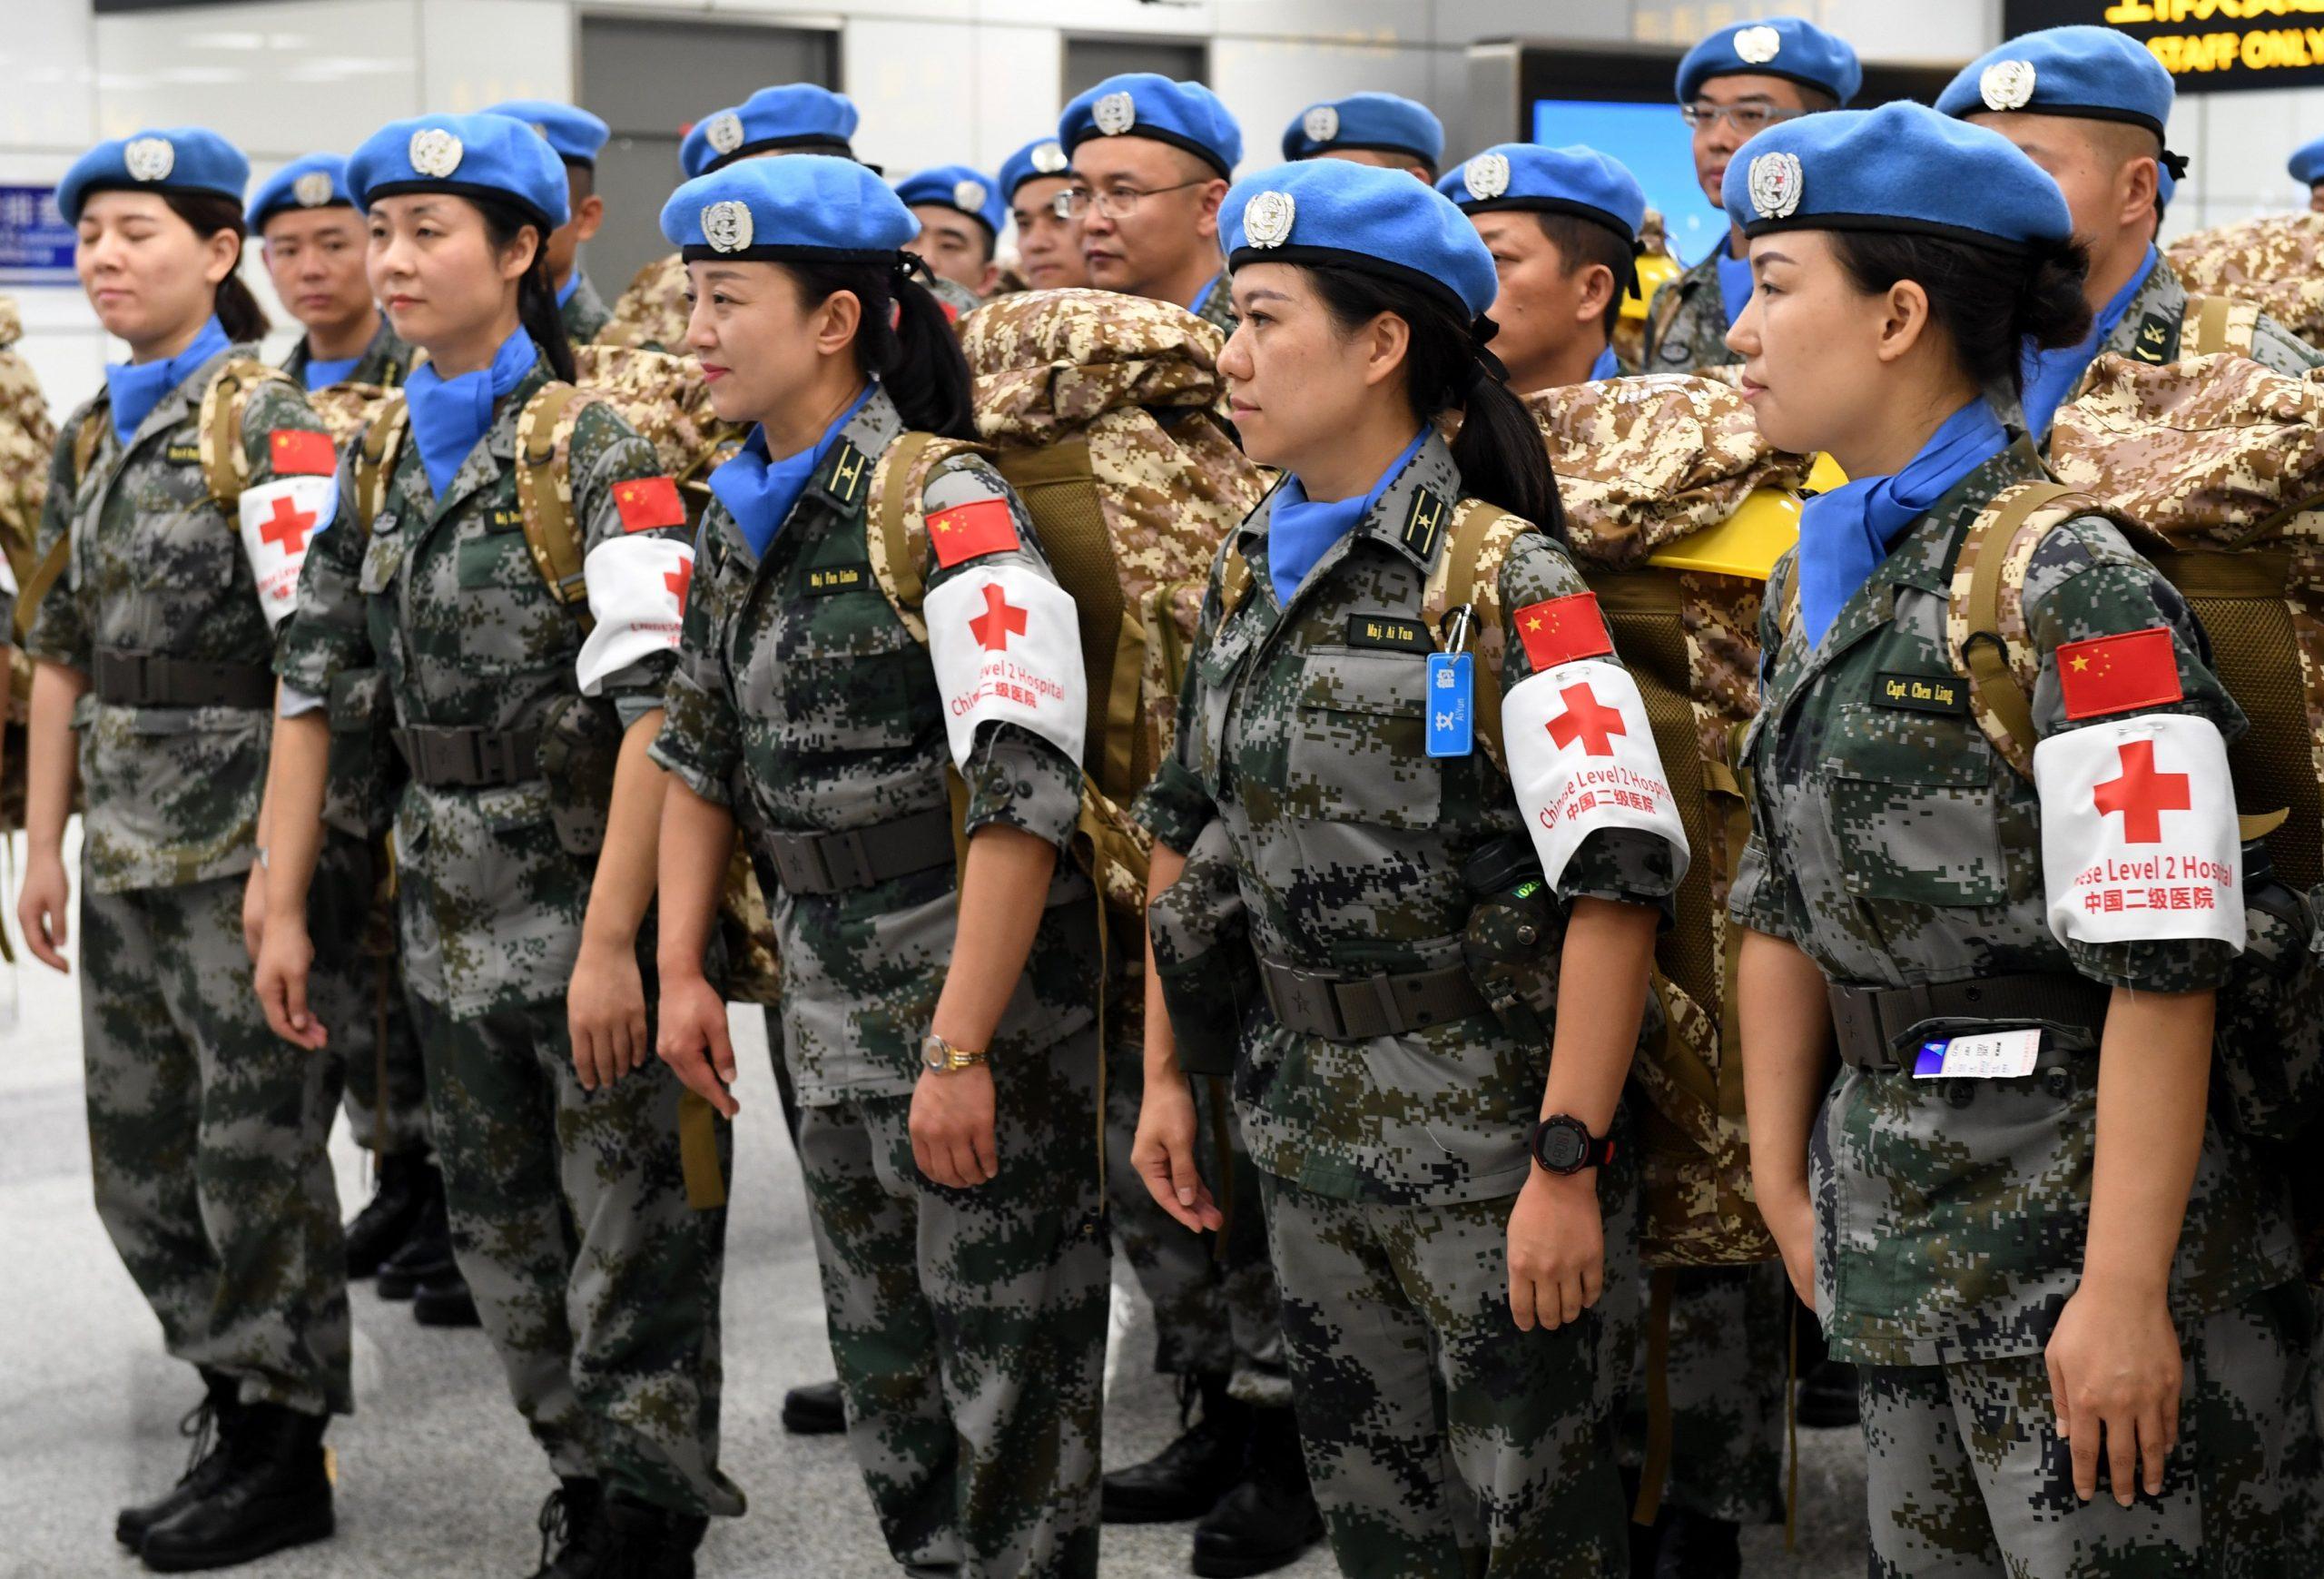 Mujeres oficiales de mantenimiento de la paz de China promueven igualdad de género y derechos